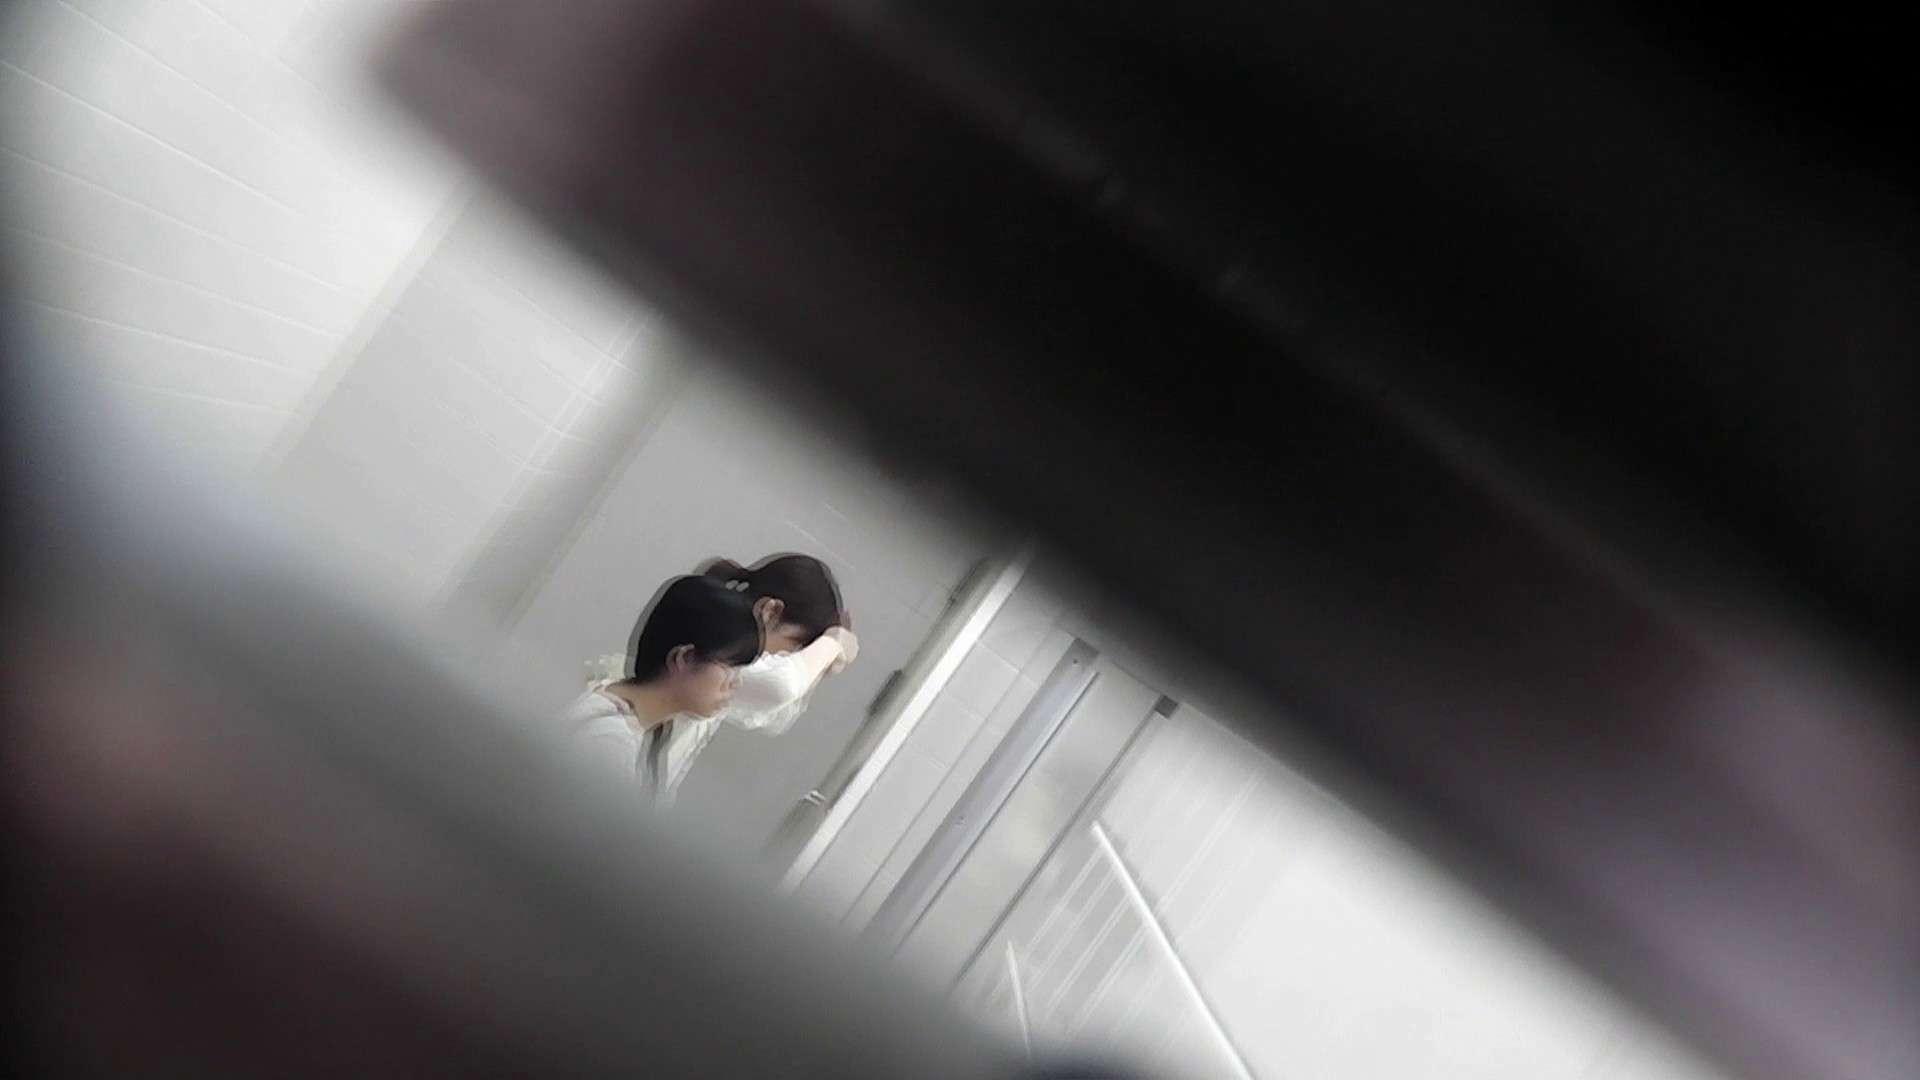 お銀 vol.72 あのかわいい子がついフロント撮り実演 ギャル攻め アダルト動画キャプチャ 71画像 2